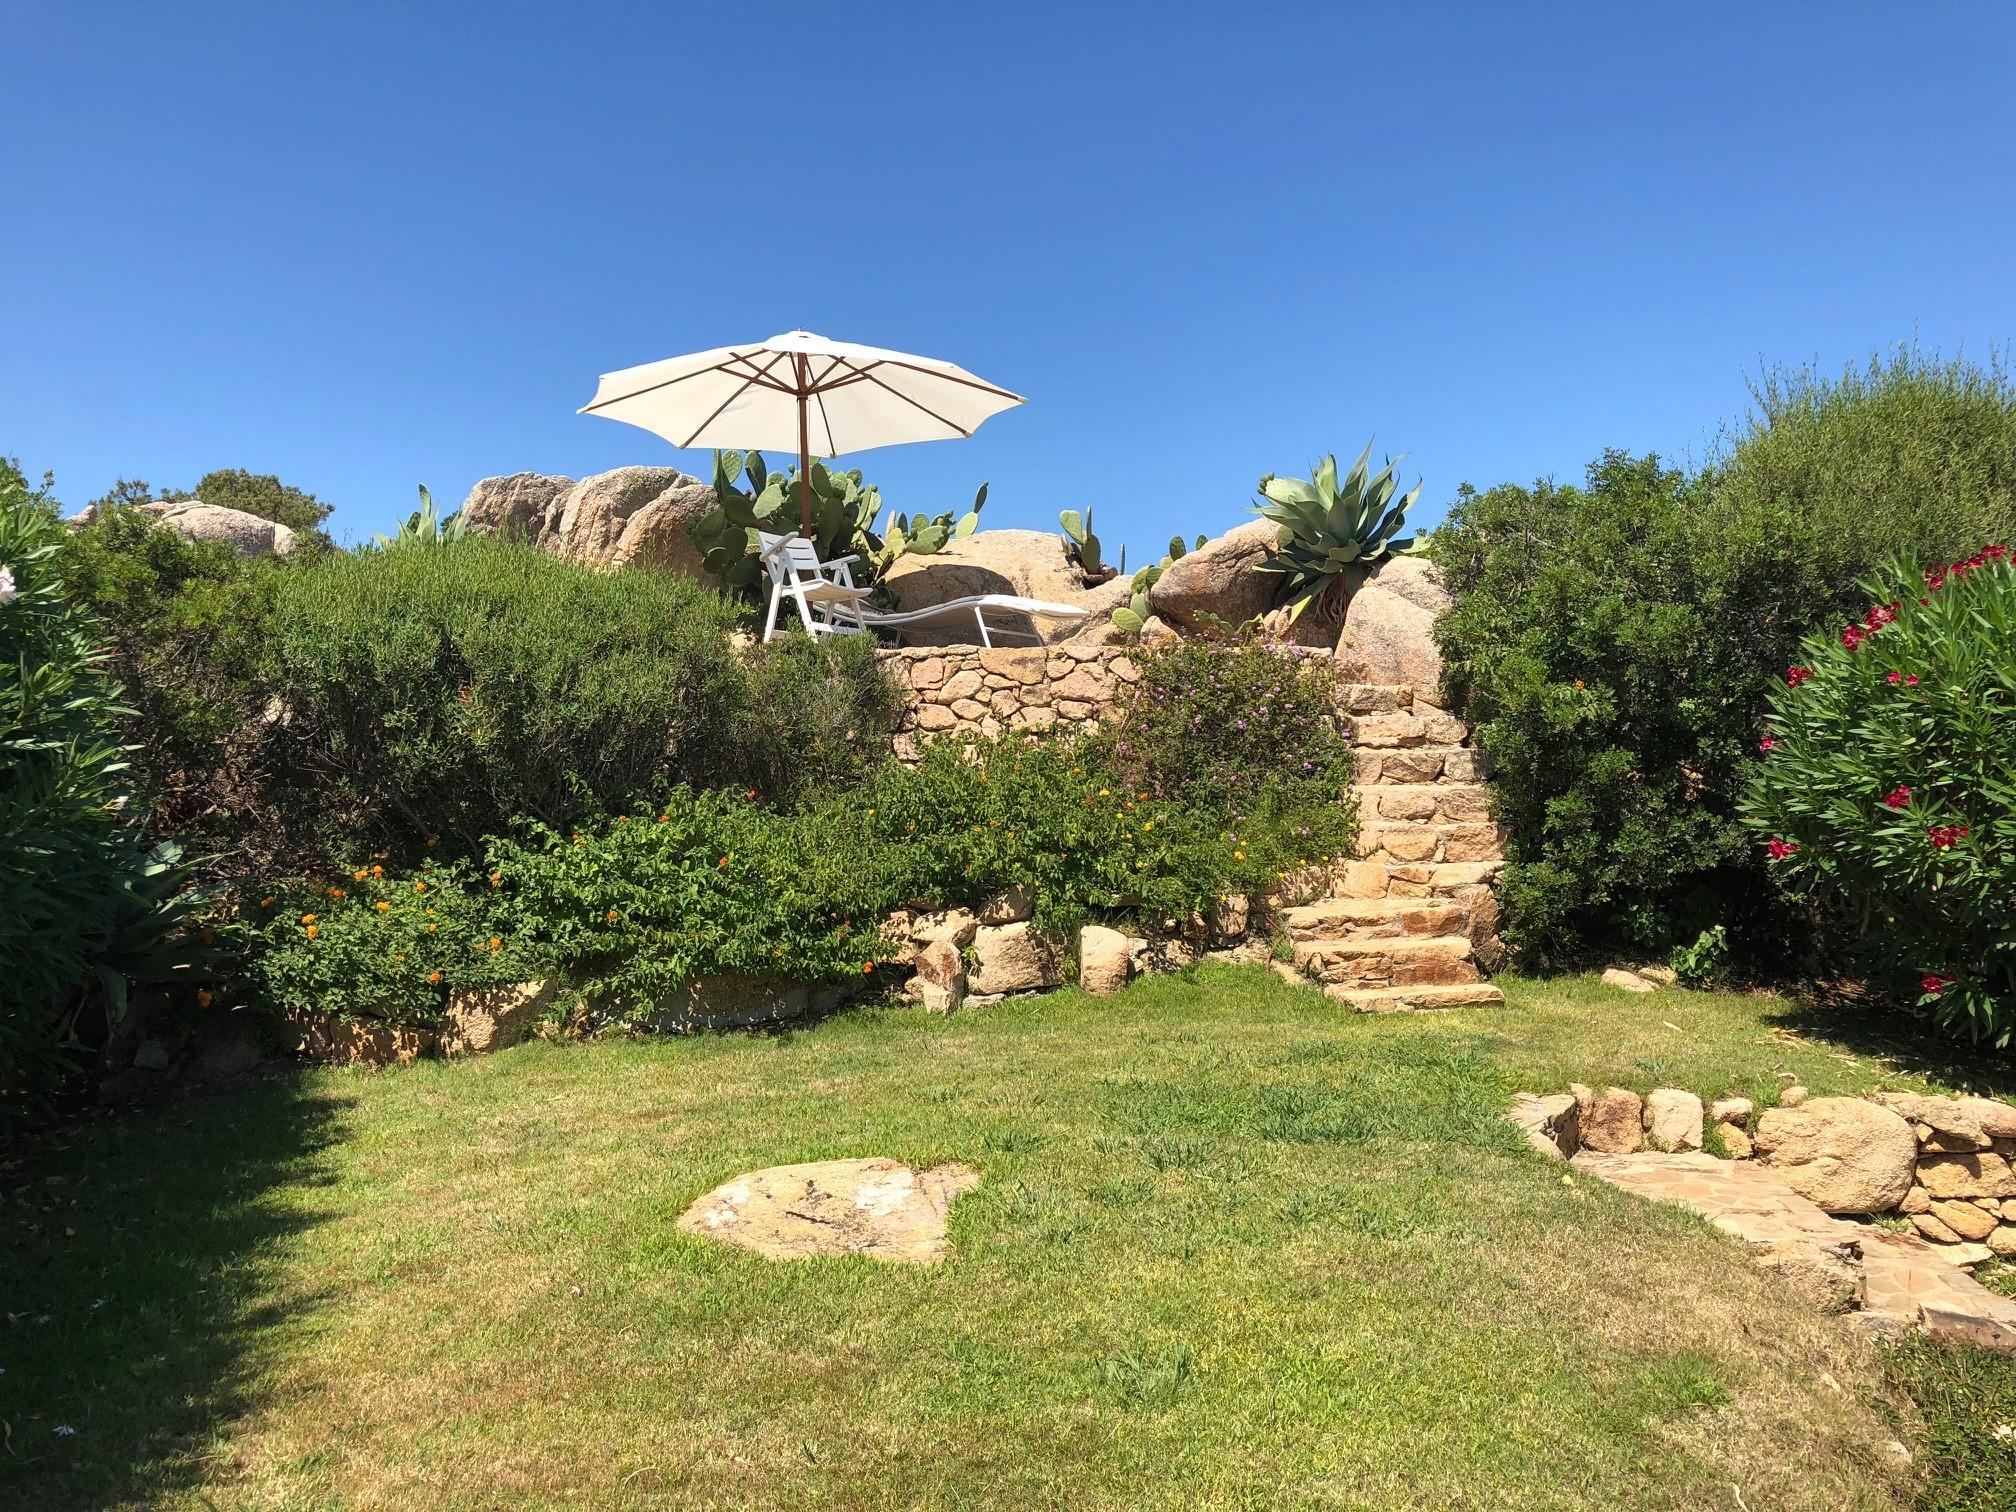 giardino con prendisole